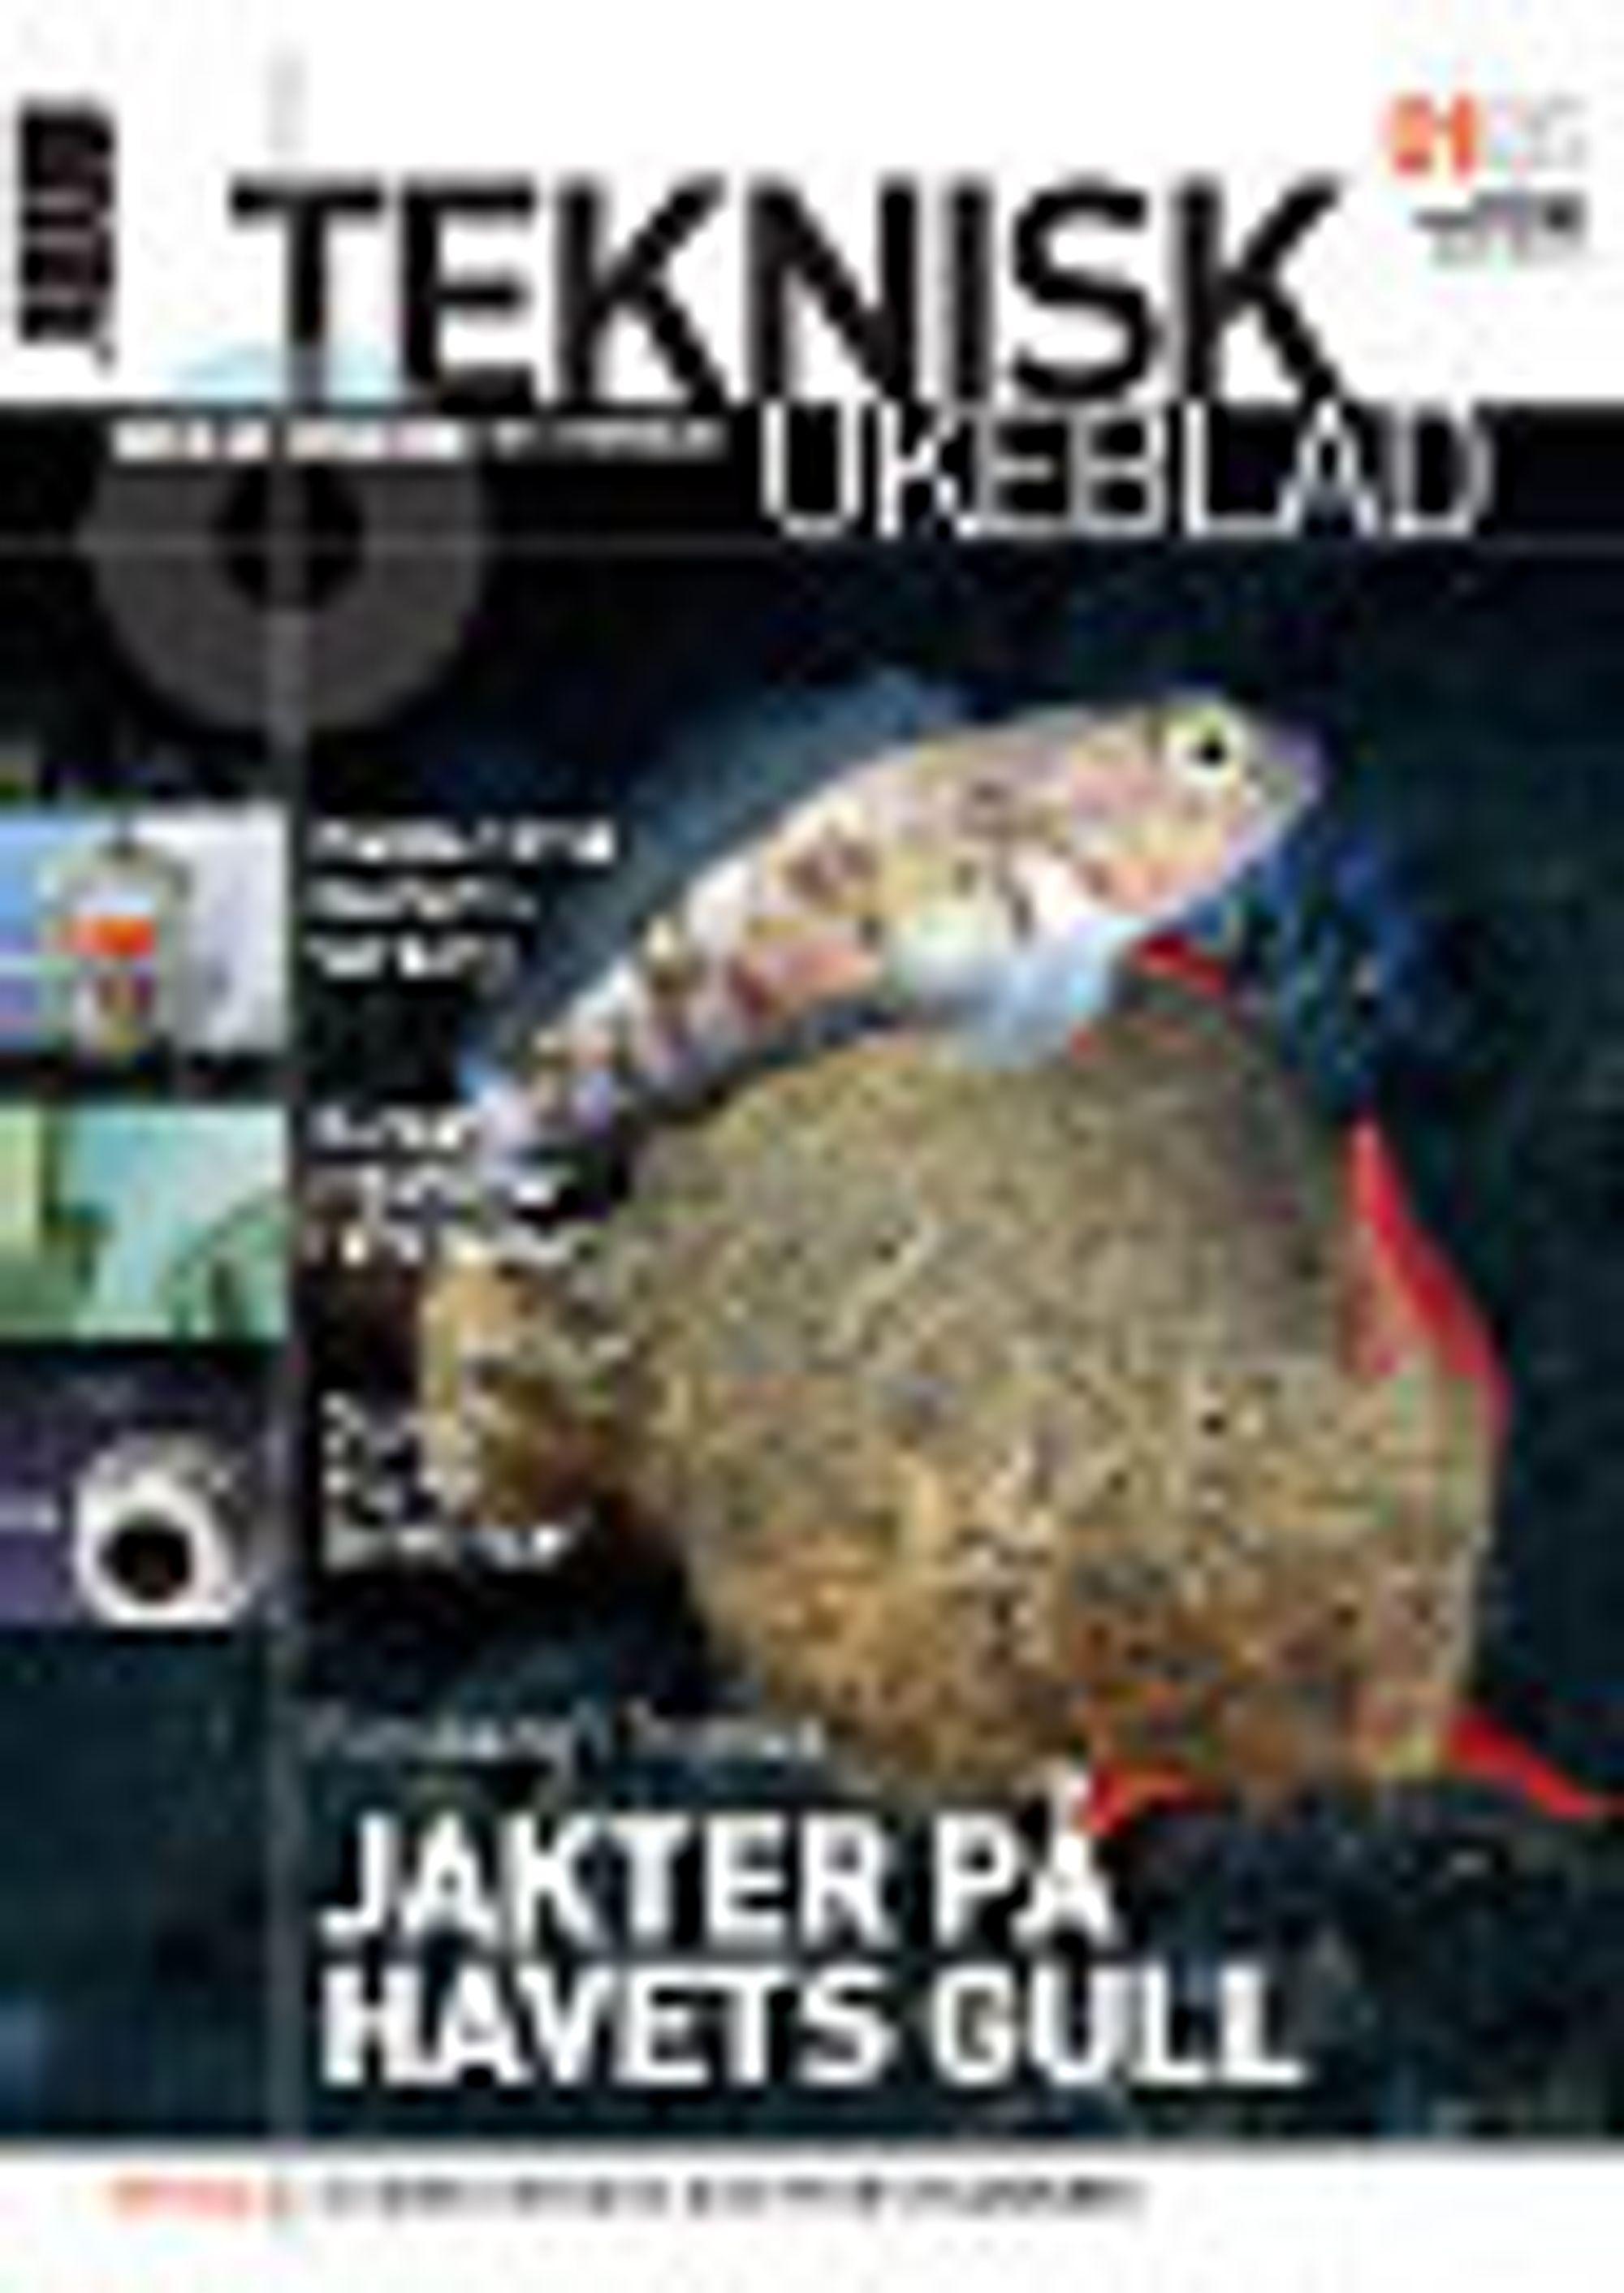 Forside Teknisk Ukeblad 0105